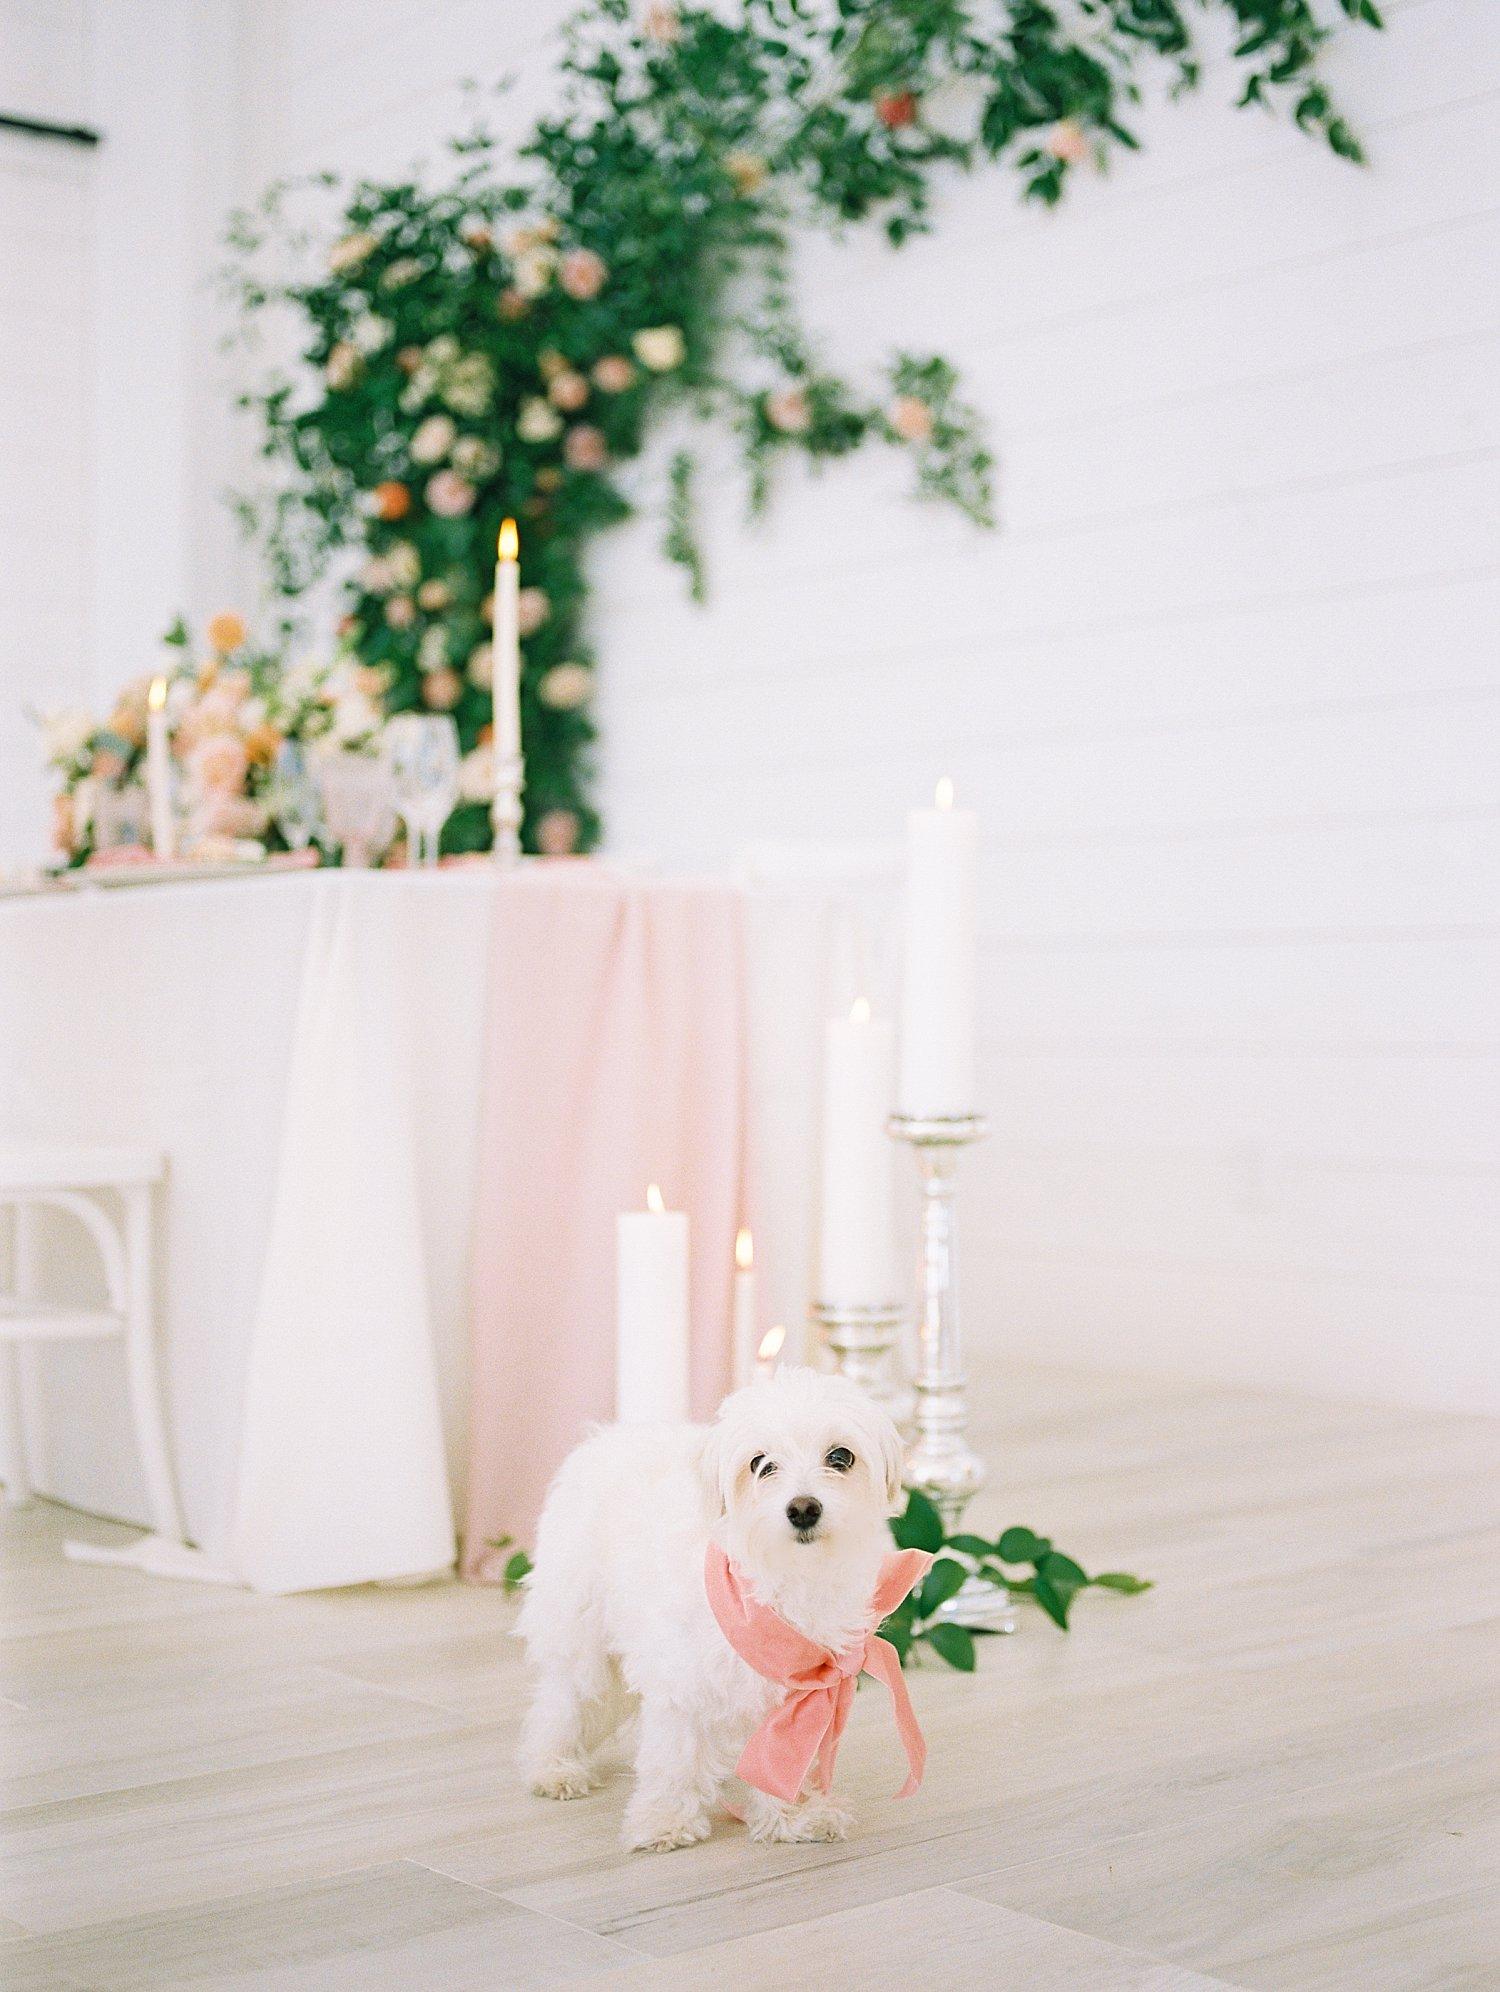 White do ringbearer at blush wedding